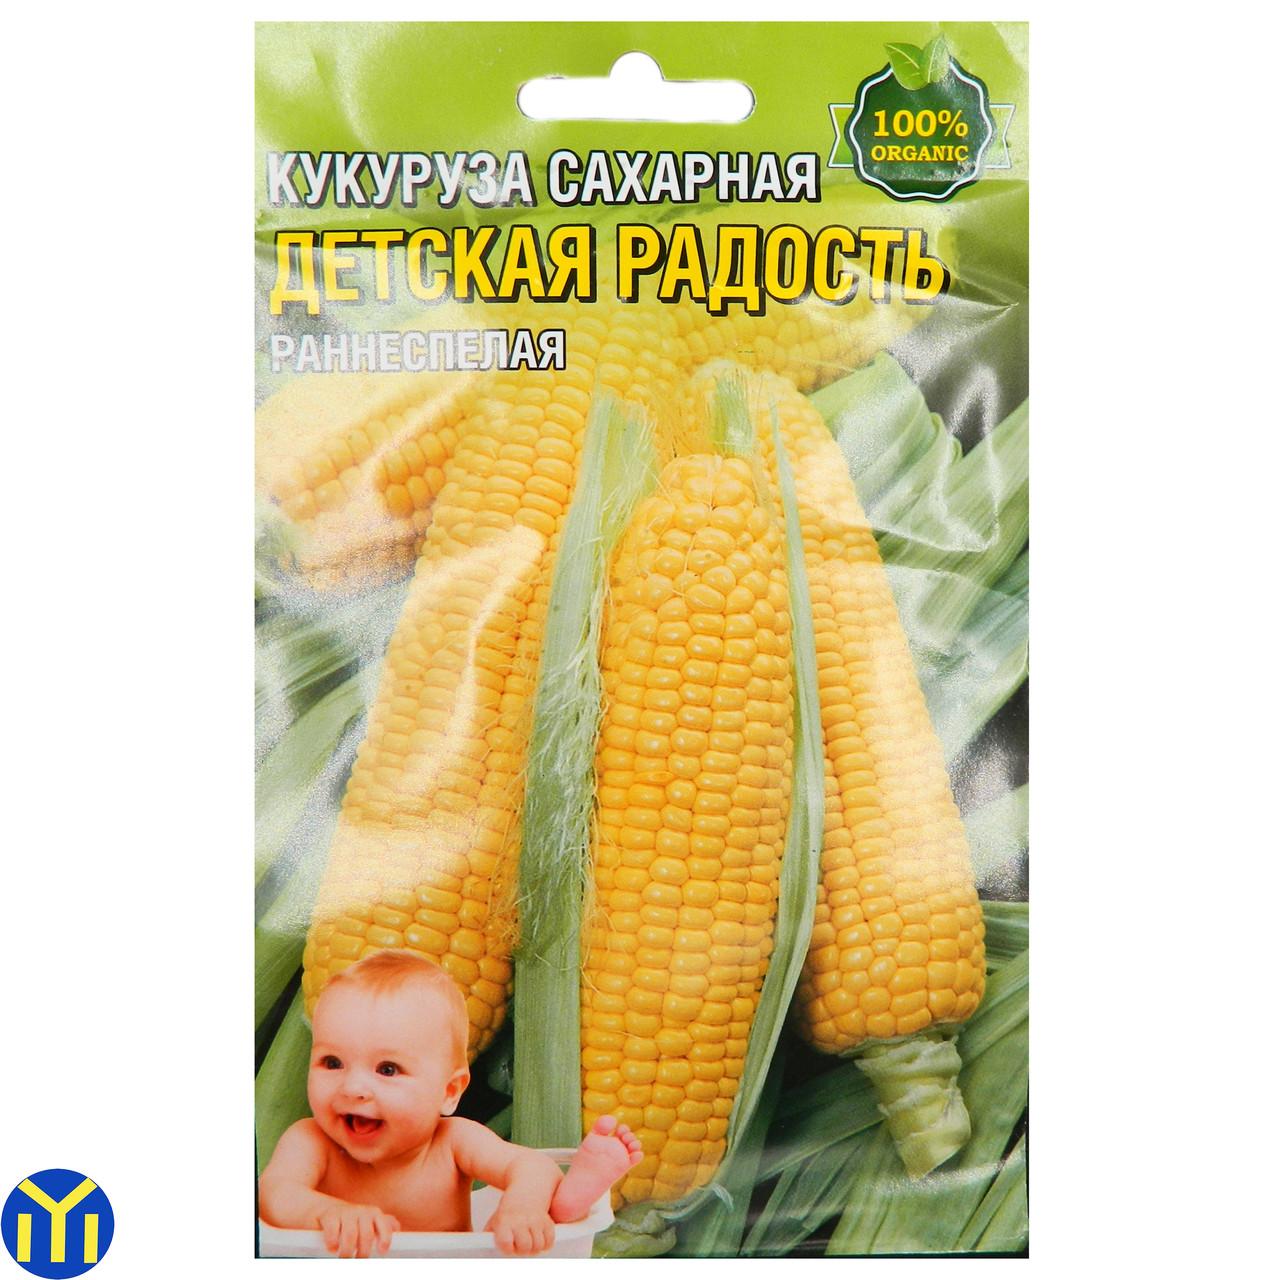 Зерна кукуруза сахарная Детская Радость, Раннеспелая